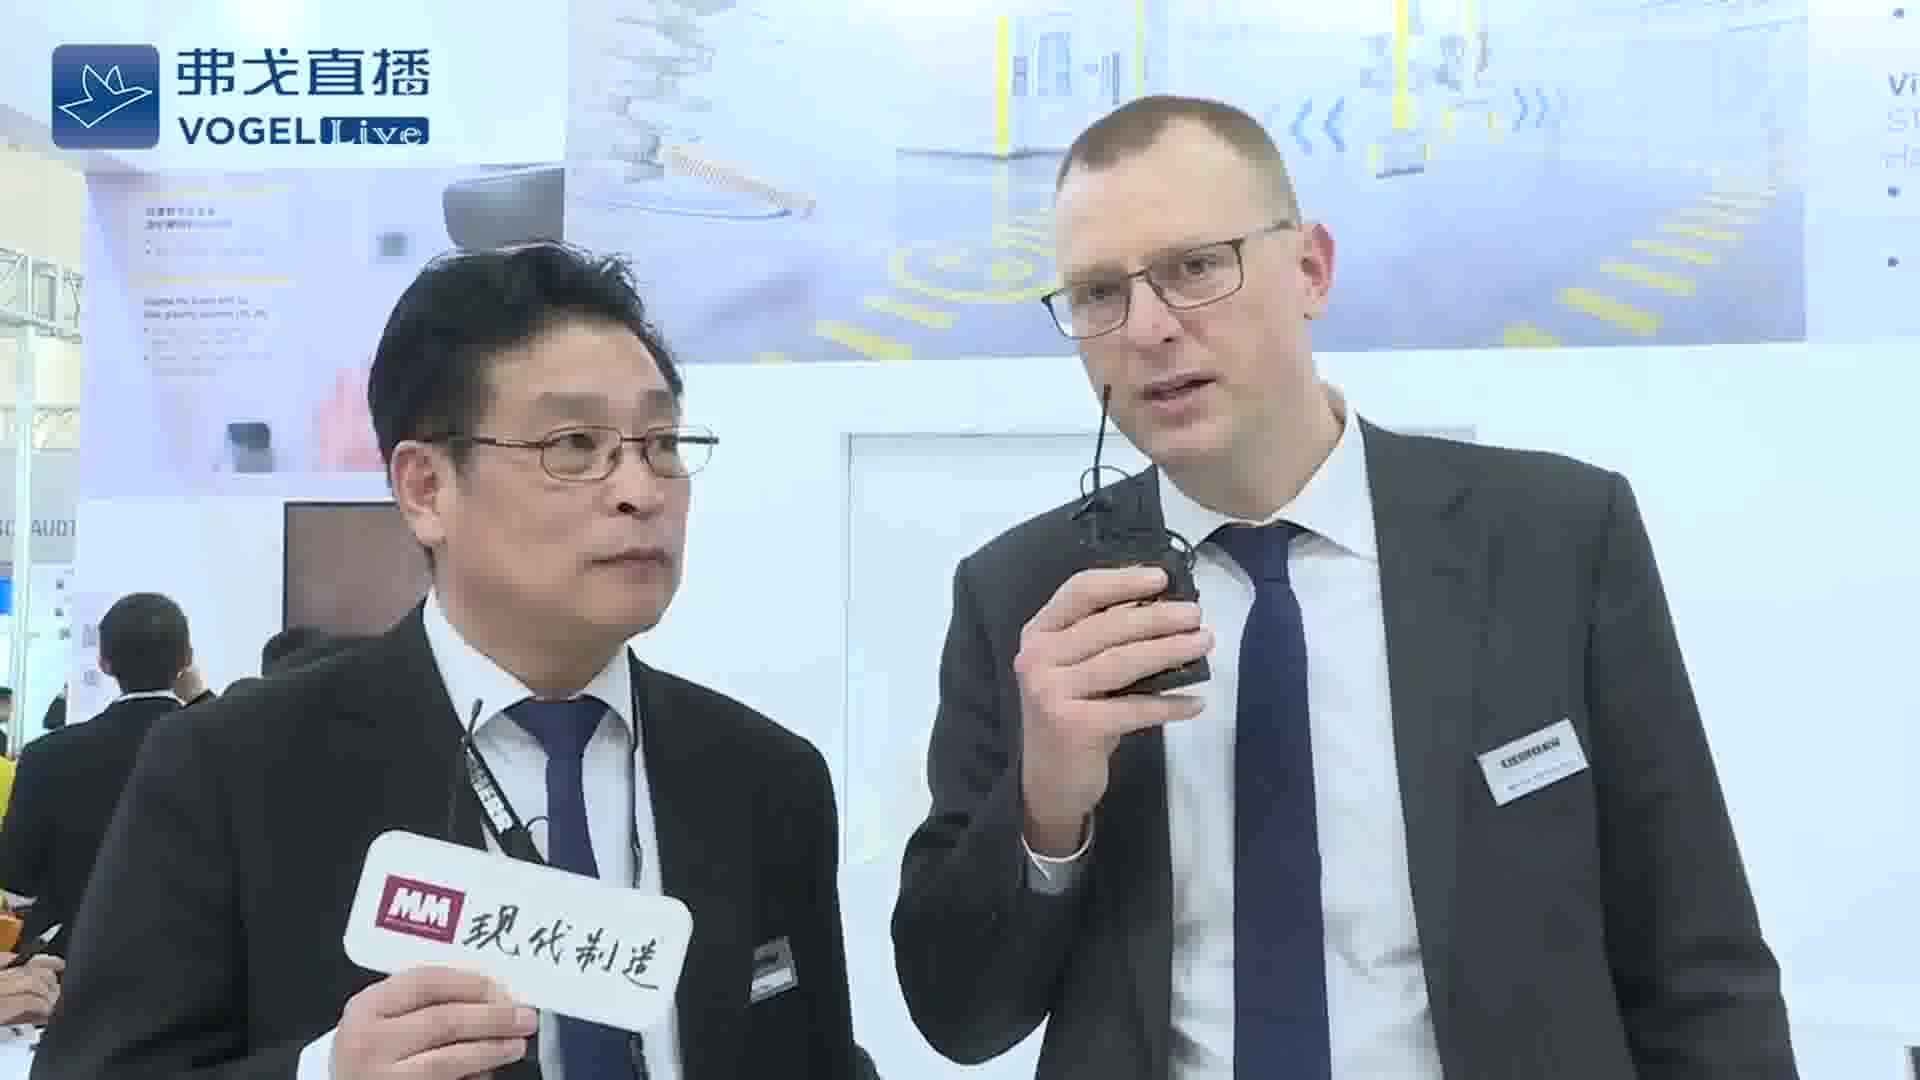 闻马先生 利勃海尔齿轮技术有限公司全球市场销售与服务总监及利勃海尔机械服务(上海)有限公司齿轮及自动化系统部总经理韩海先生-CIMT2019